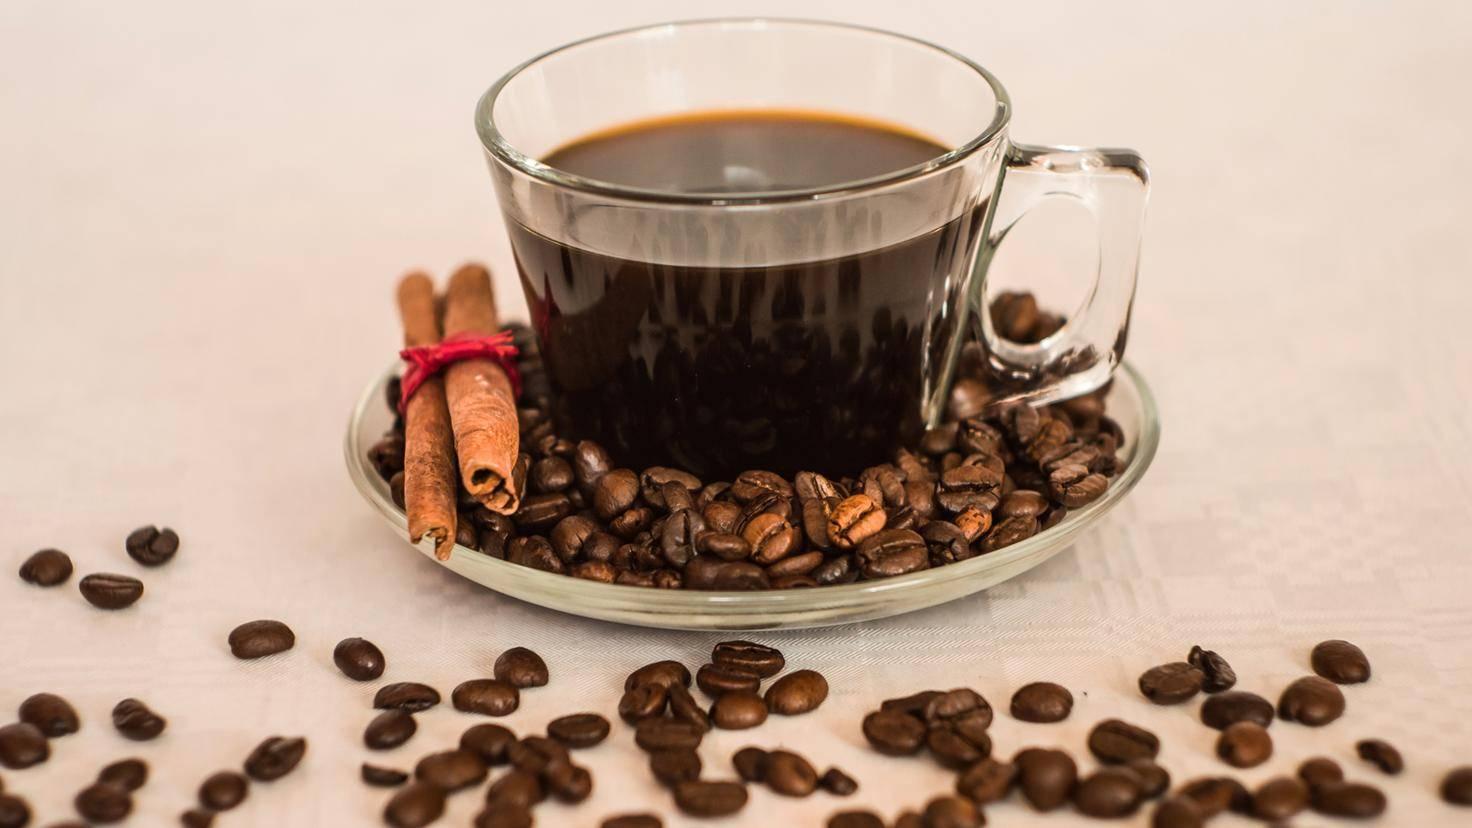 Auch Kaffee wird oft zu Unrecht für ungesund gehalten. Auch hier ist das richtige Maß aber entscheidend!